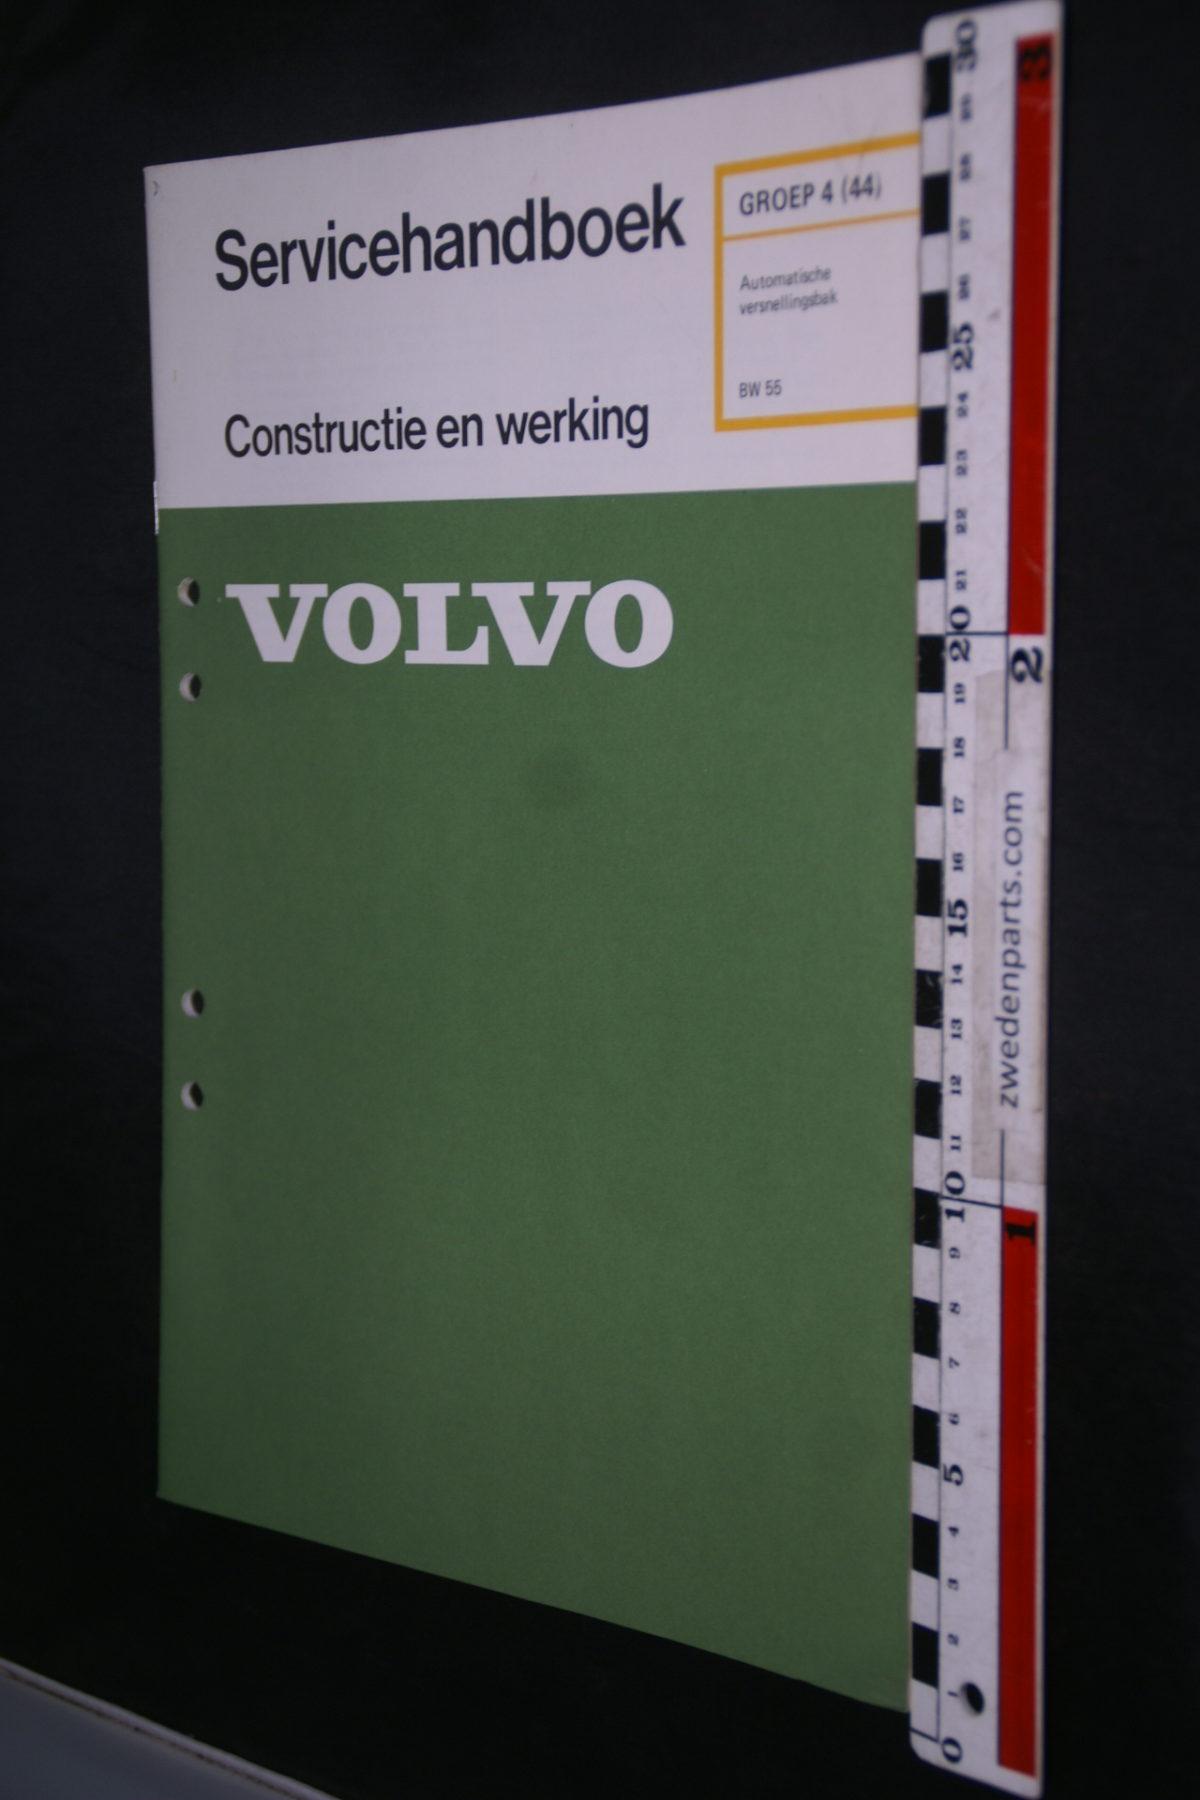 DSC08607 1975 origineel Volvo servicehandboek  4 (44) automaat BW55 1 van 500 TP 10998-1